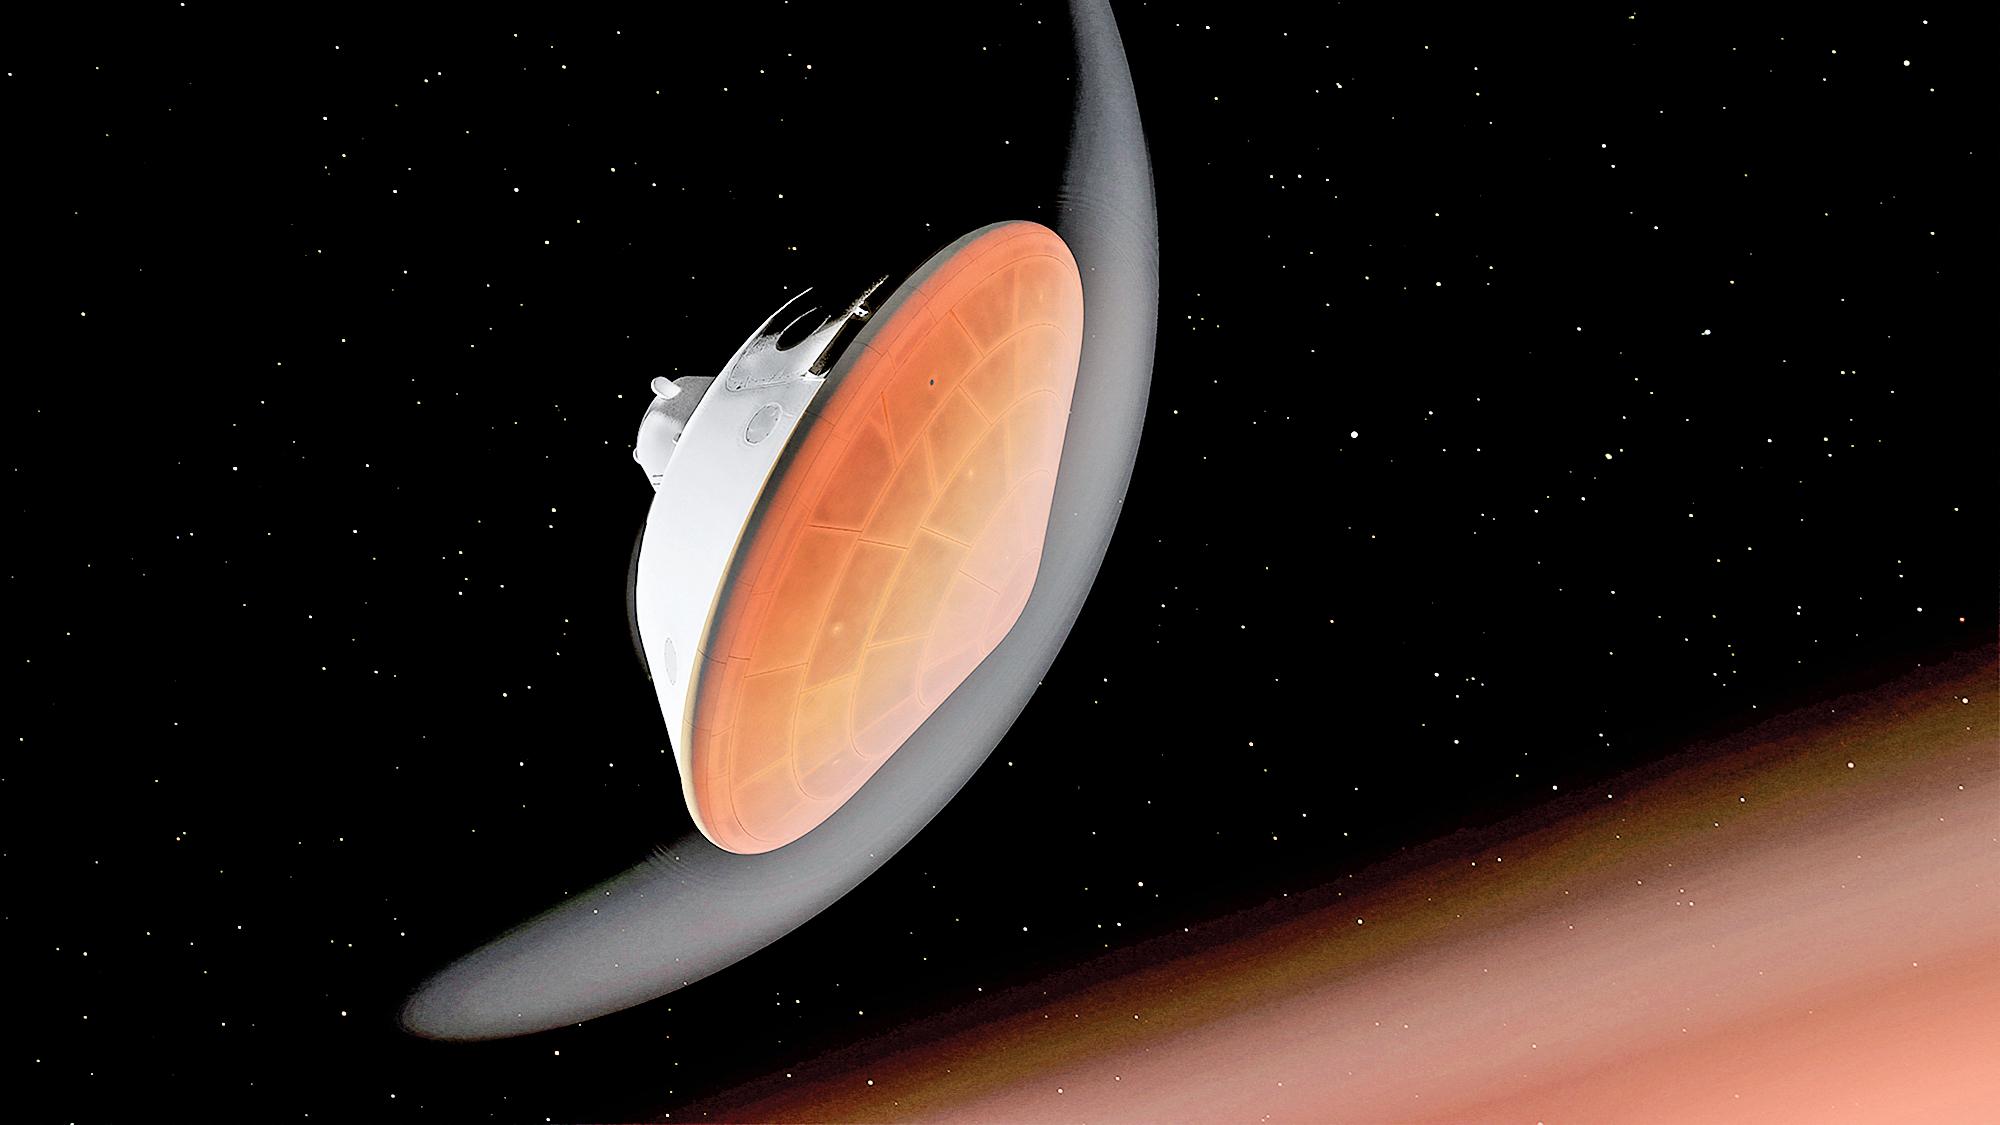 美國太空總署(NASA)「毅力號」火星漫遊車於2 月18 日在火星一個隕石坑底部著陸。 (Handout / NASA/JPL-CALTECH / AFP)